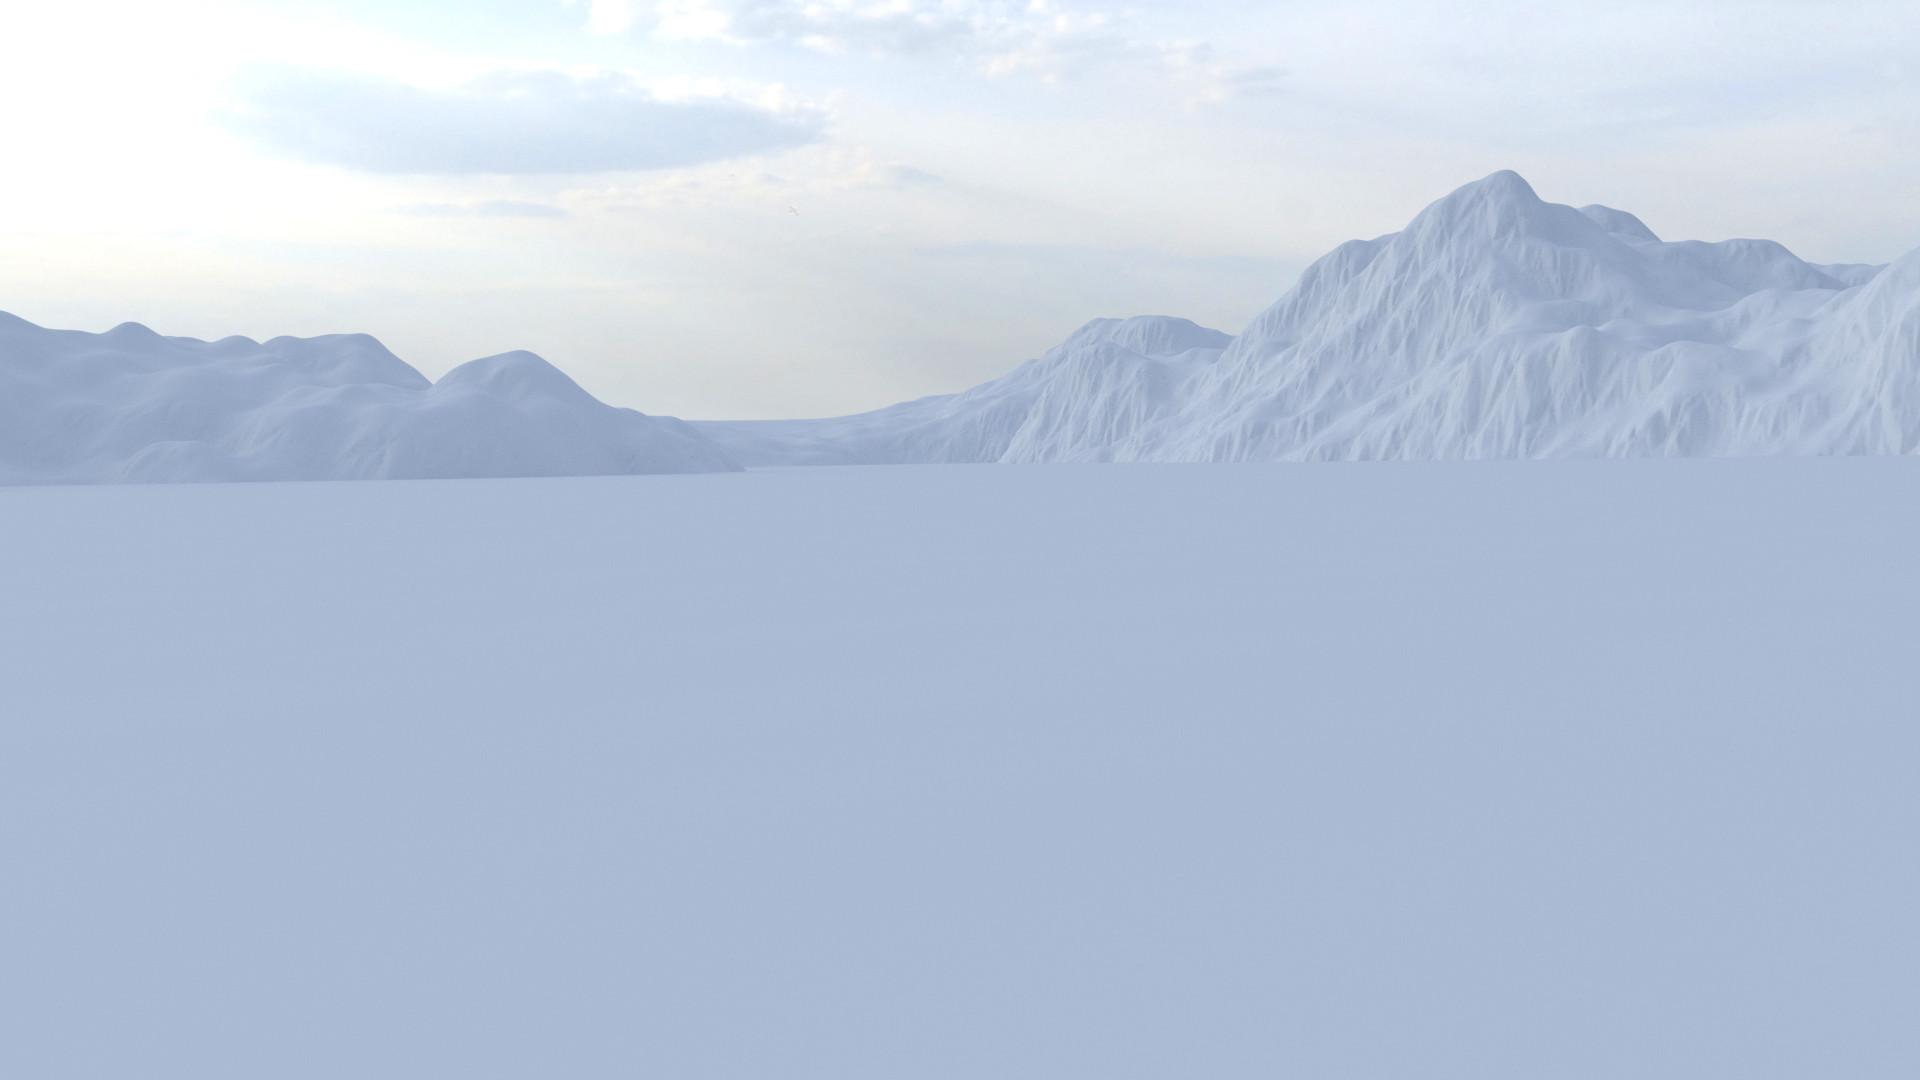 Greg hewitt mountainsclayrender